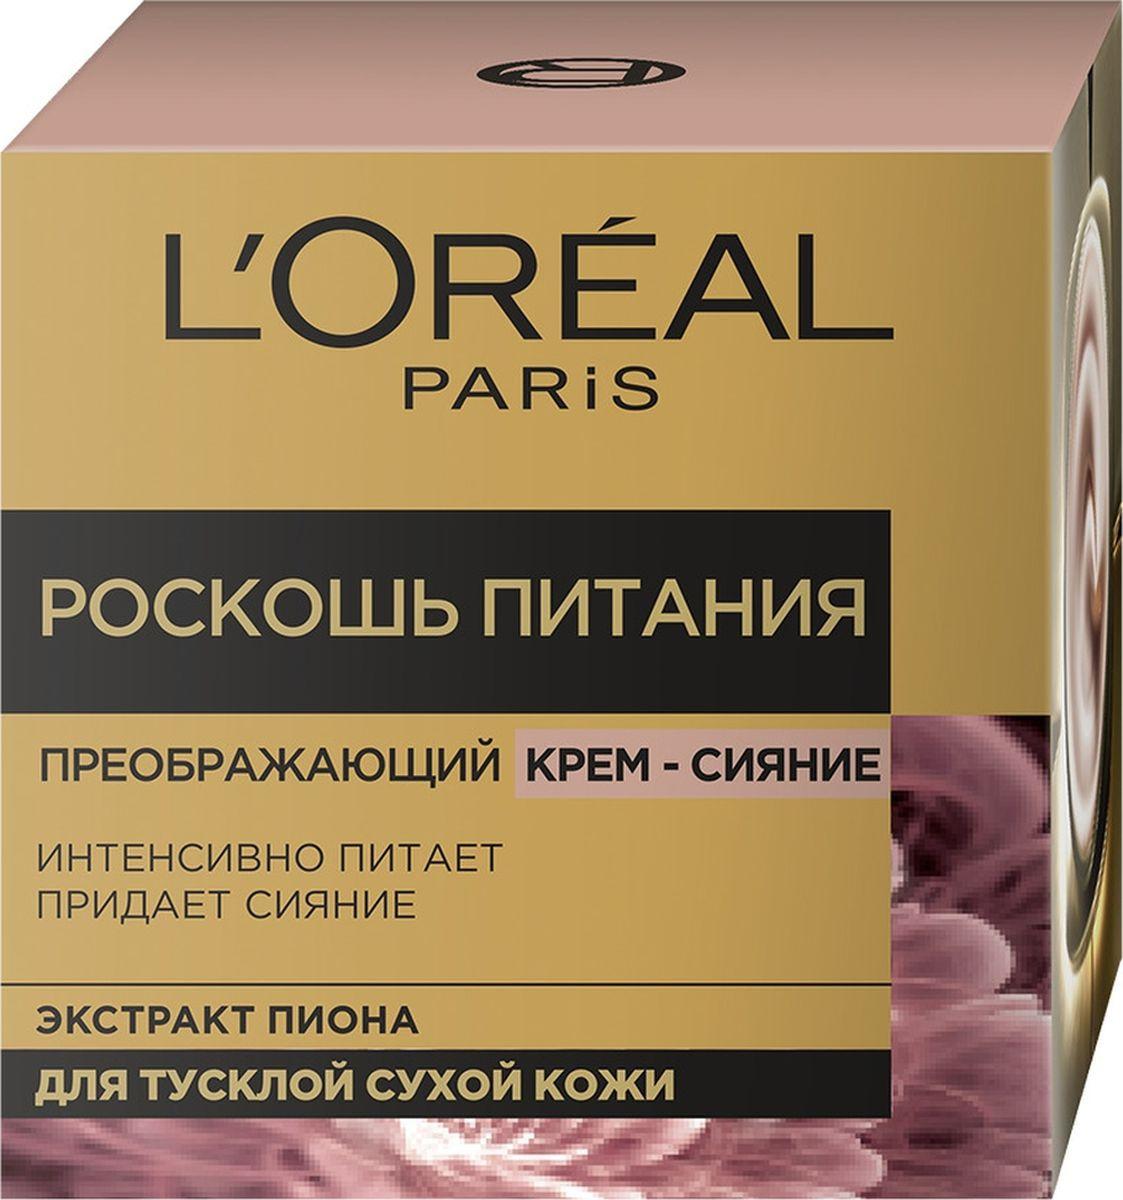 Дневной крем-сияние для лица L'Oreal Paris Роскошь питания, 50 мл L'Oreal Paris